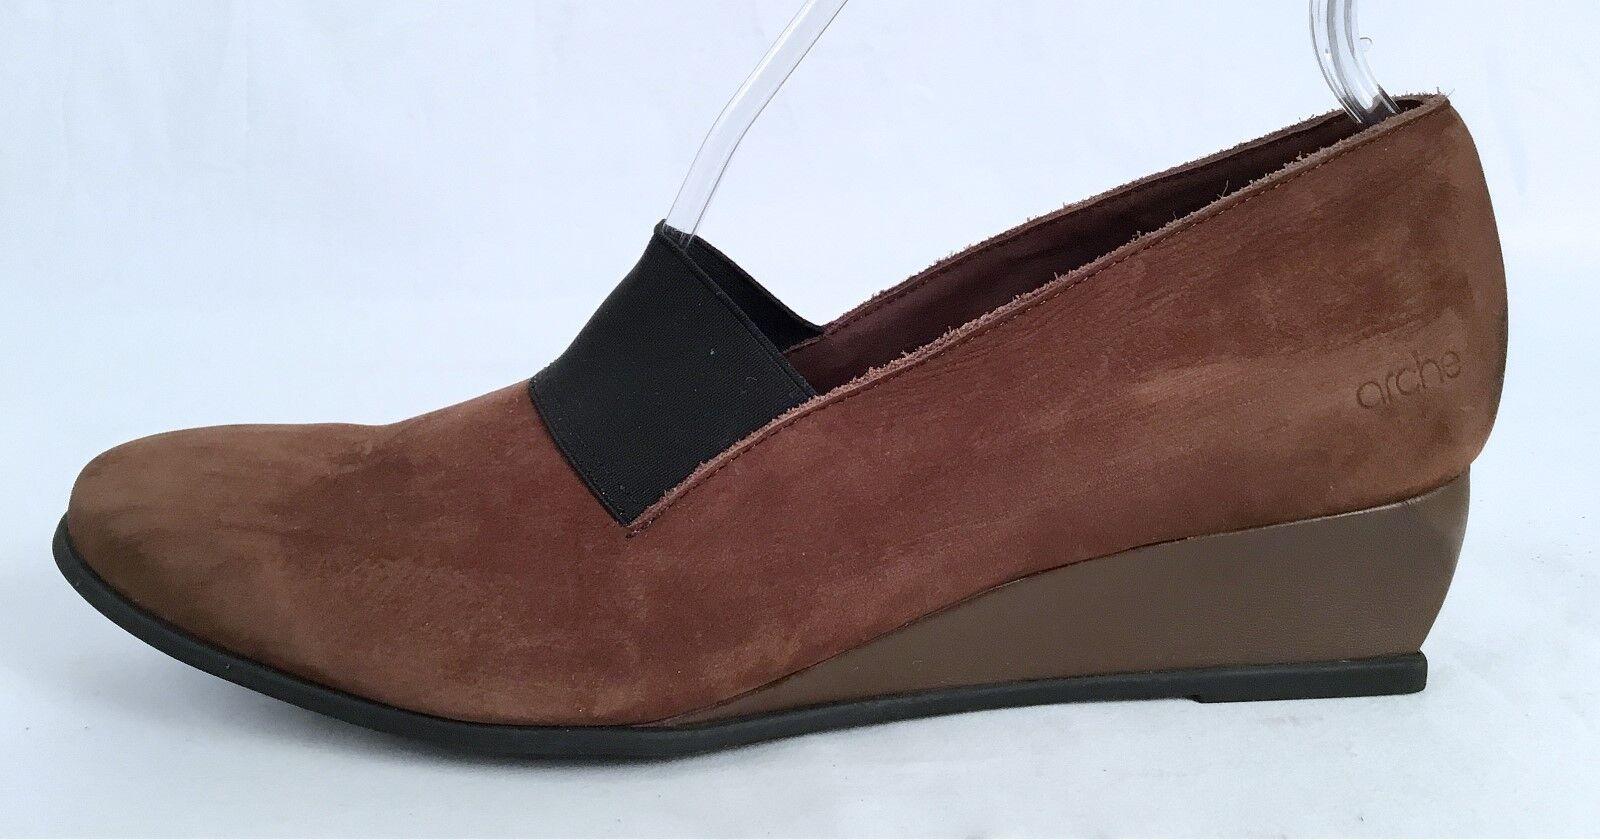 New!! Arche 'Emyone'Wedge Pump - 10 Chocolate-Size 10 - US/ 41 EU   375-(J4) a56cee